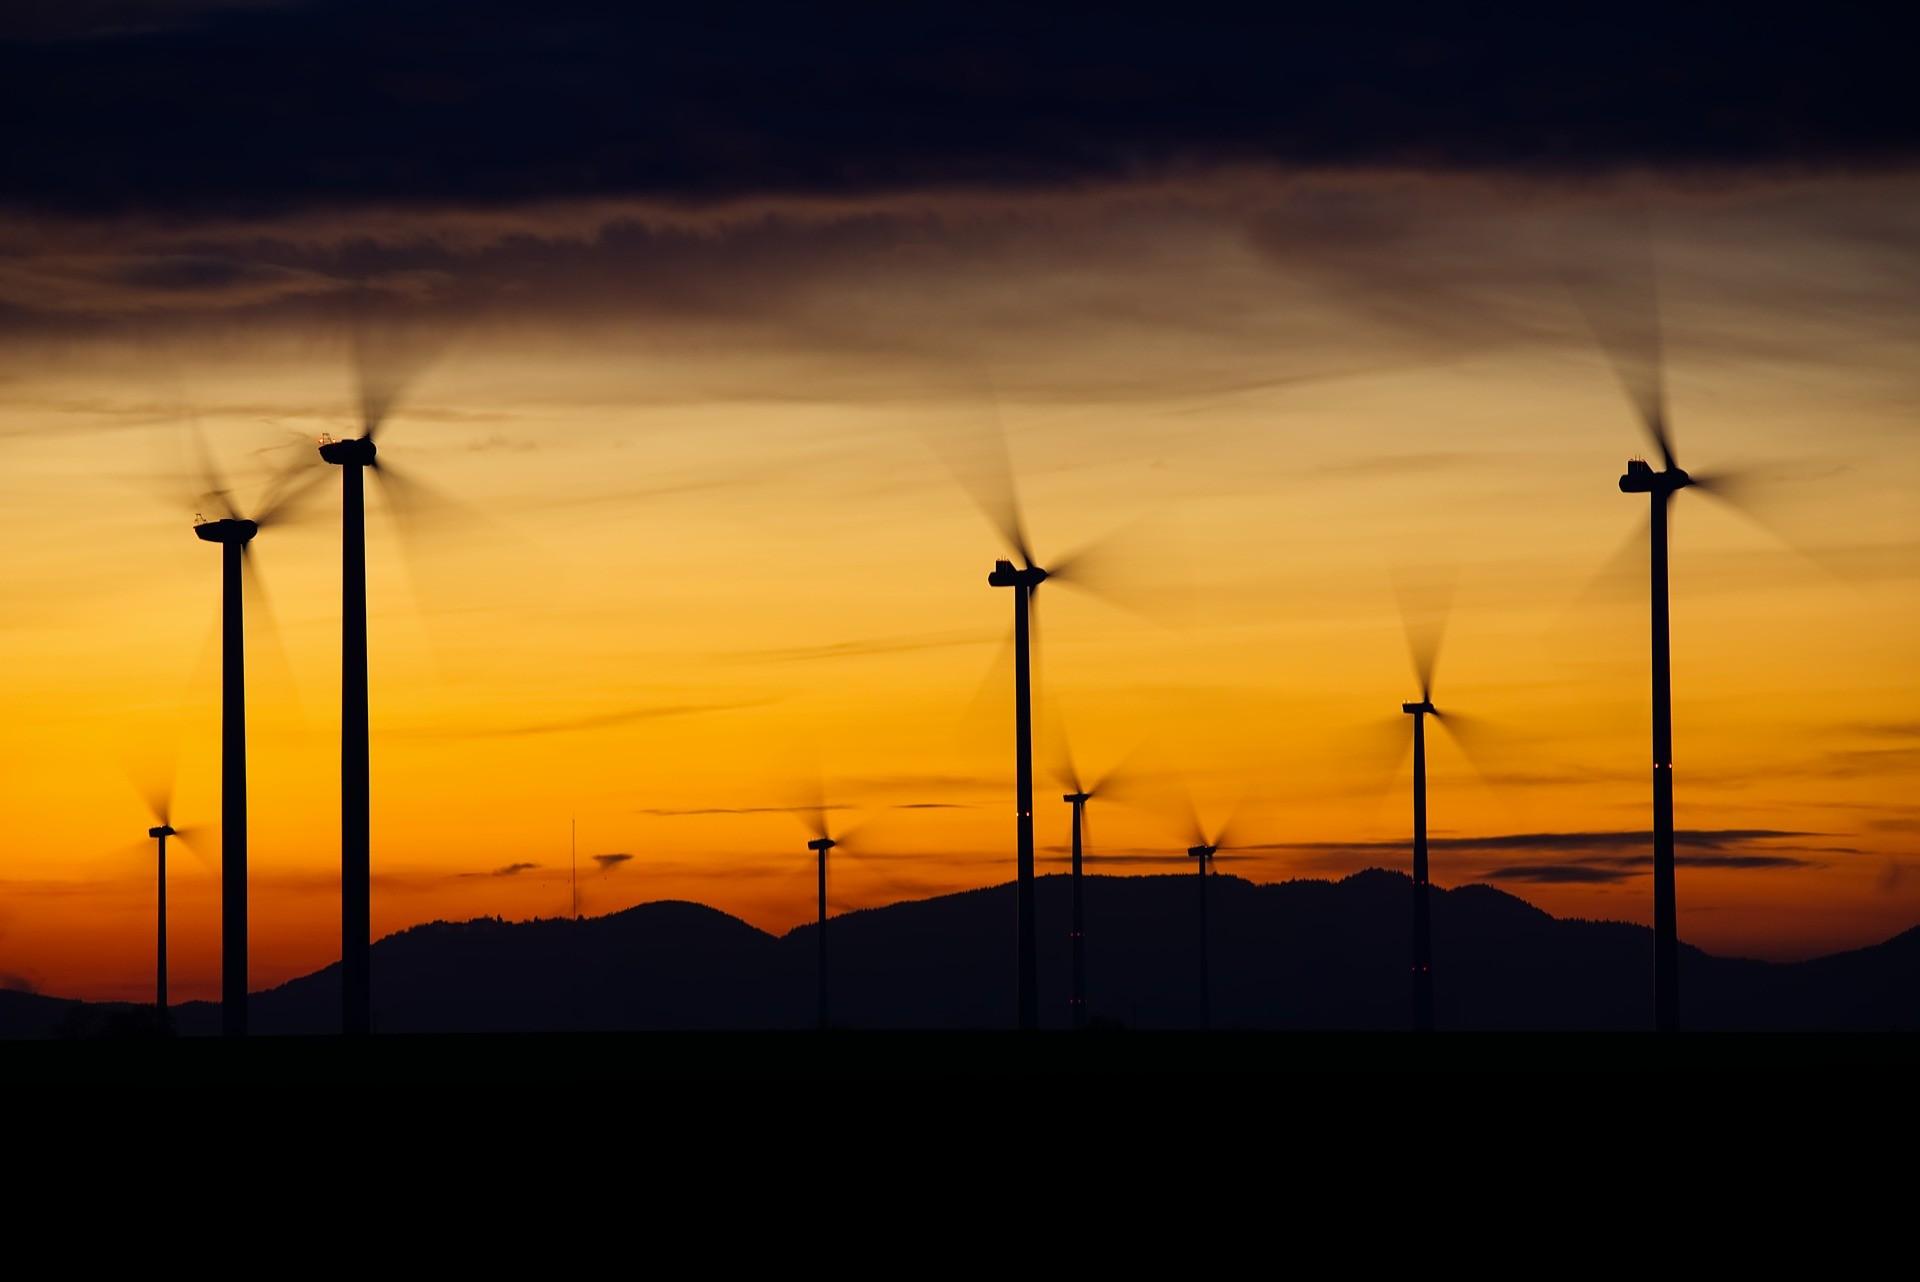 Parques solares e eólicos podem ter impactos benéficos diretos no clima, além de emitirem menos gases de efeito estufa.  (Foto: Creative Commons / Distel2610)